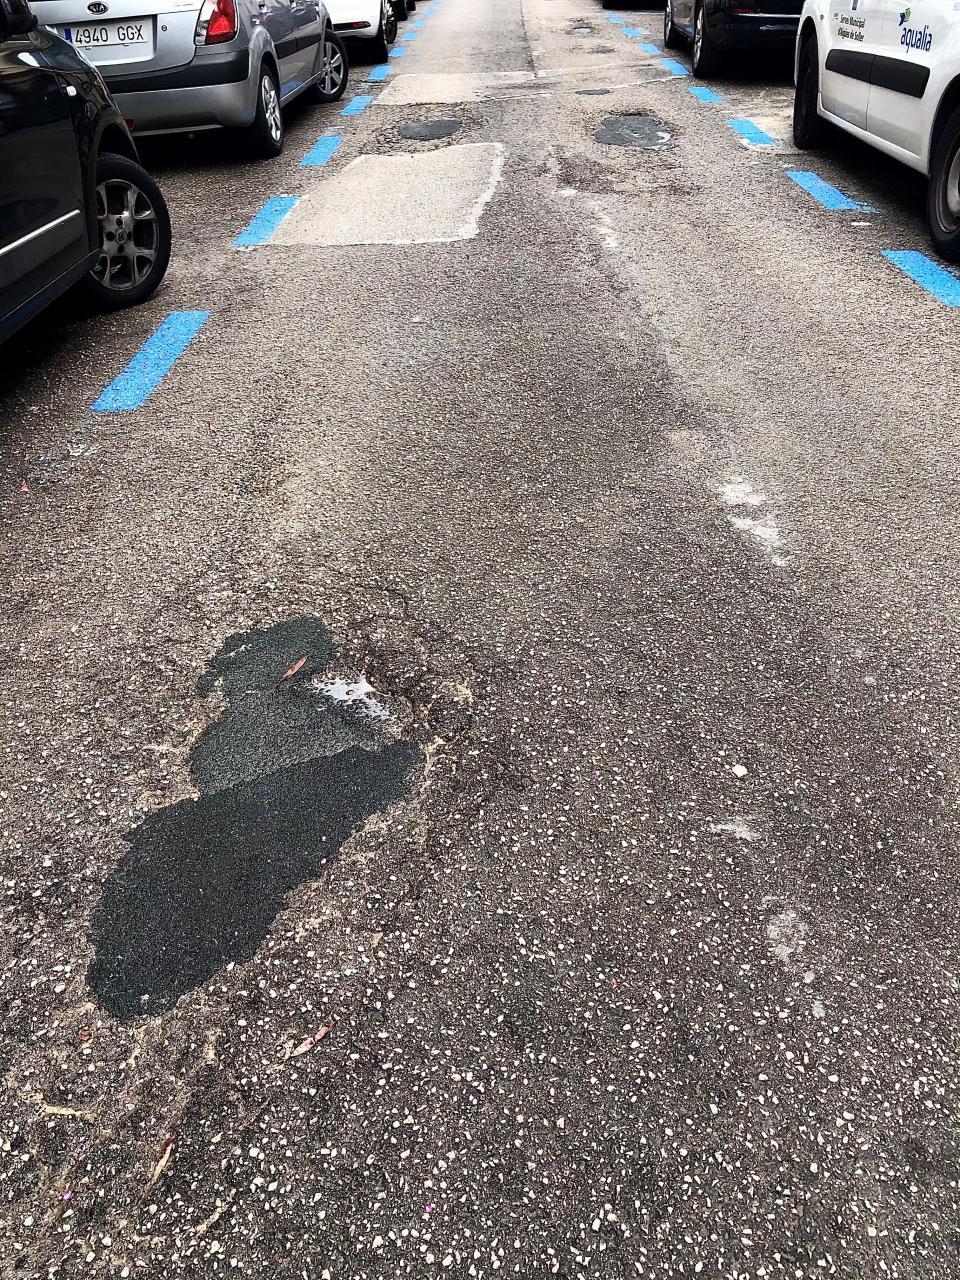 Soller's bumpy roads